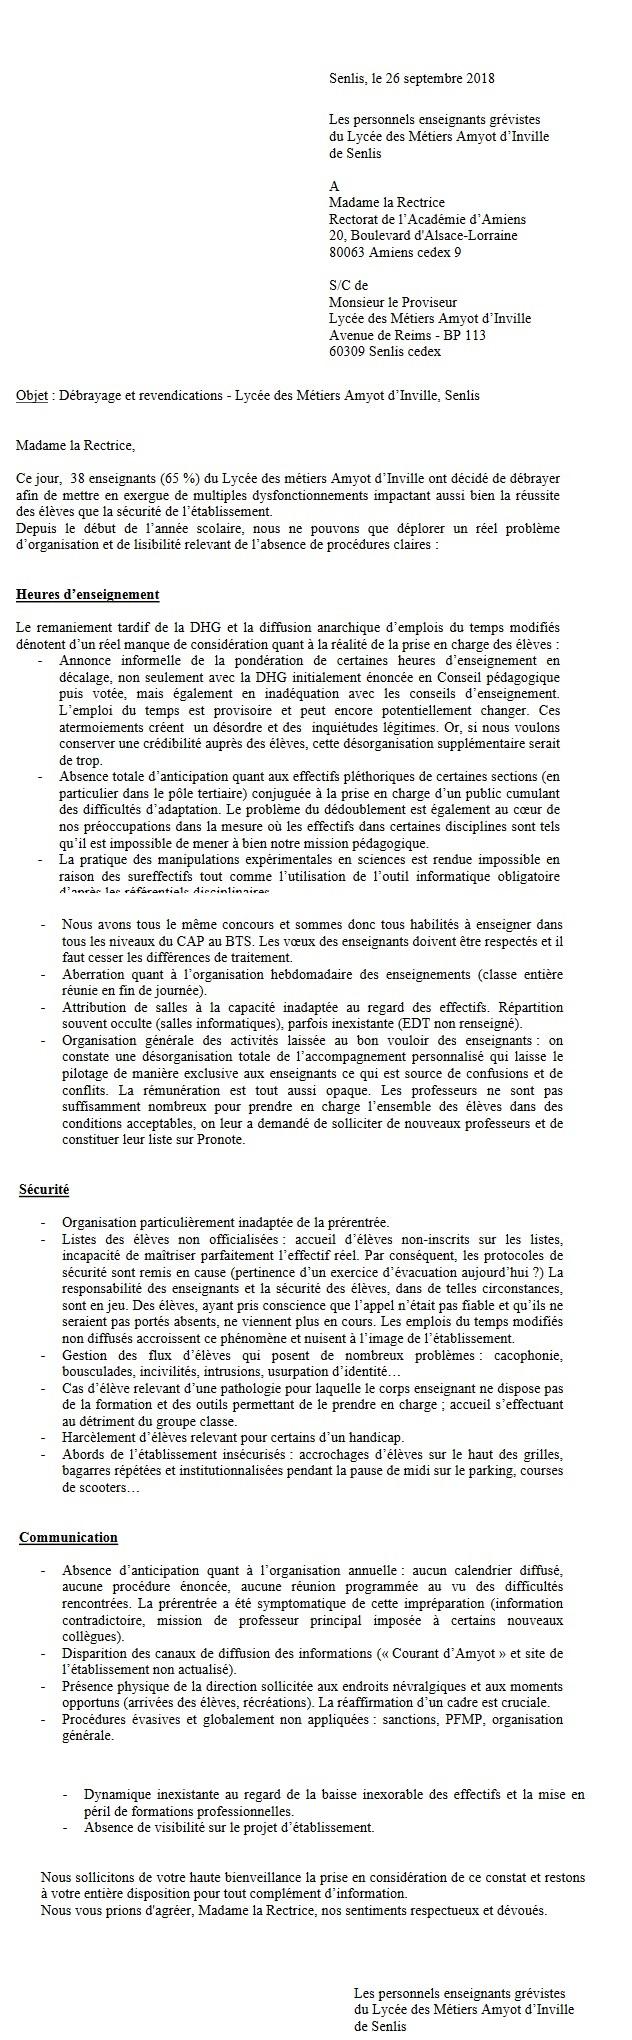 Senlis / enseignants d'Amyot-d'Inville en grève en raison de leurs conditions de travail Sans_t10